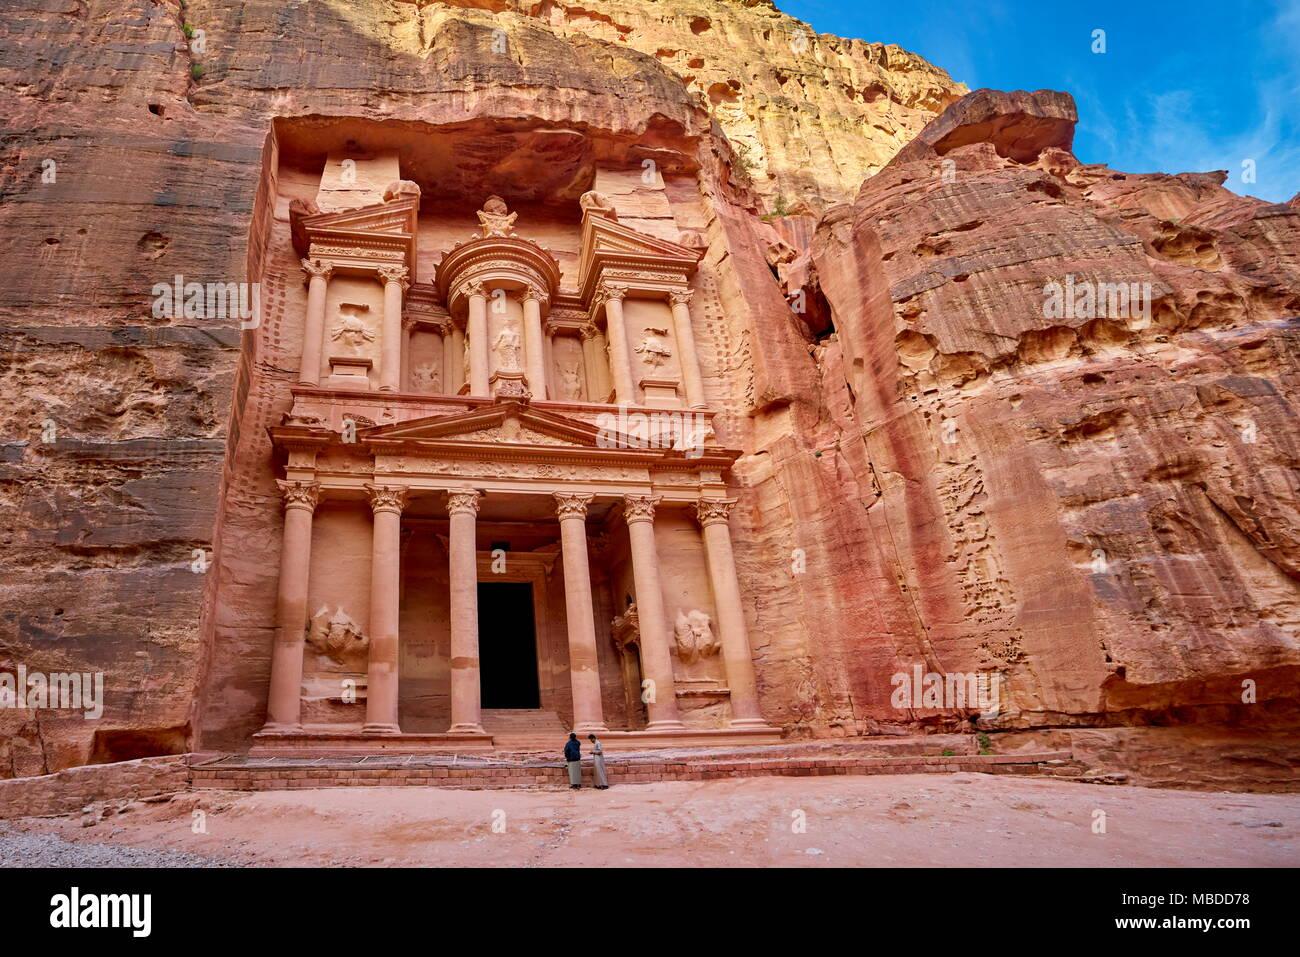 Al Khazneh Treasury, Petra, Jordanien Stockbild